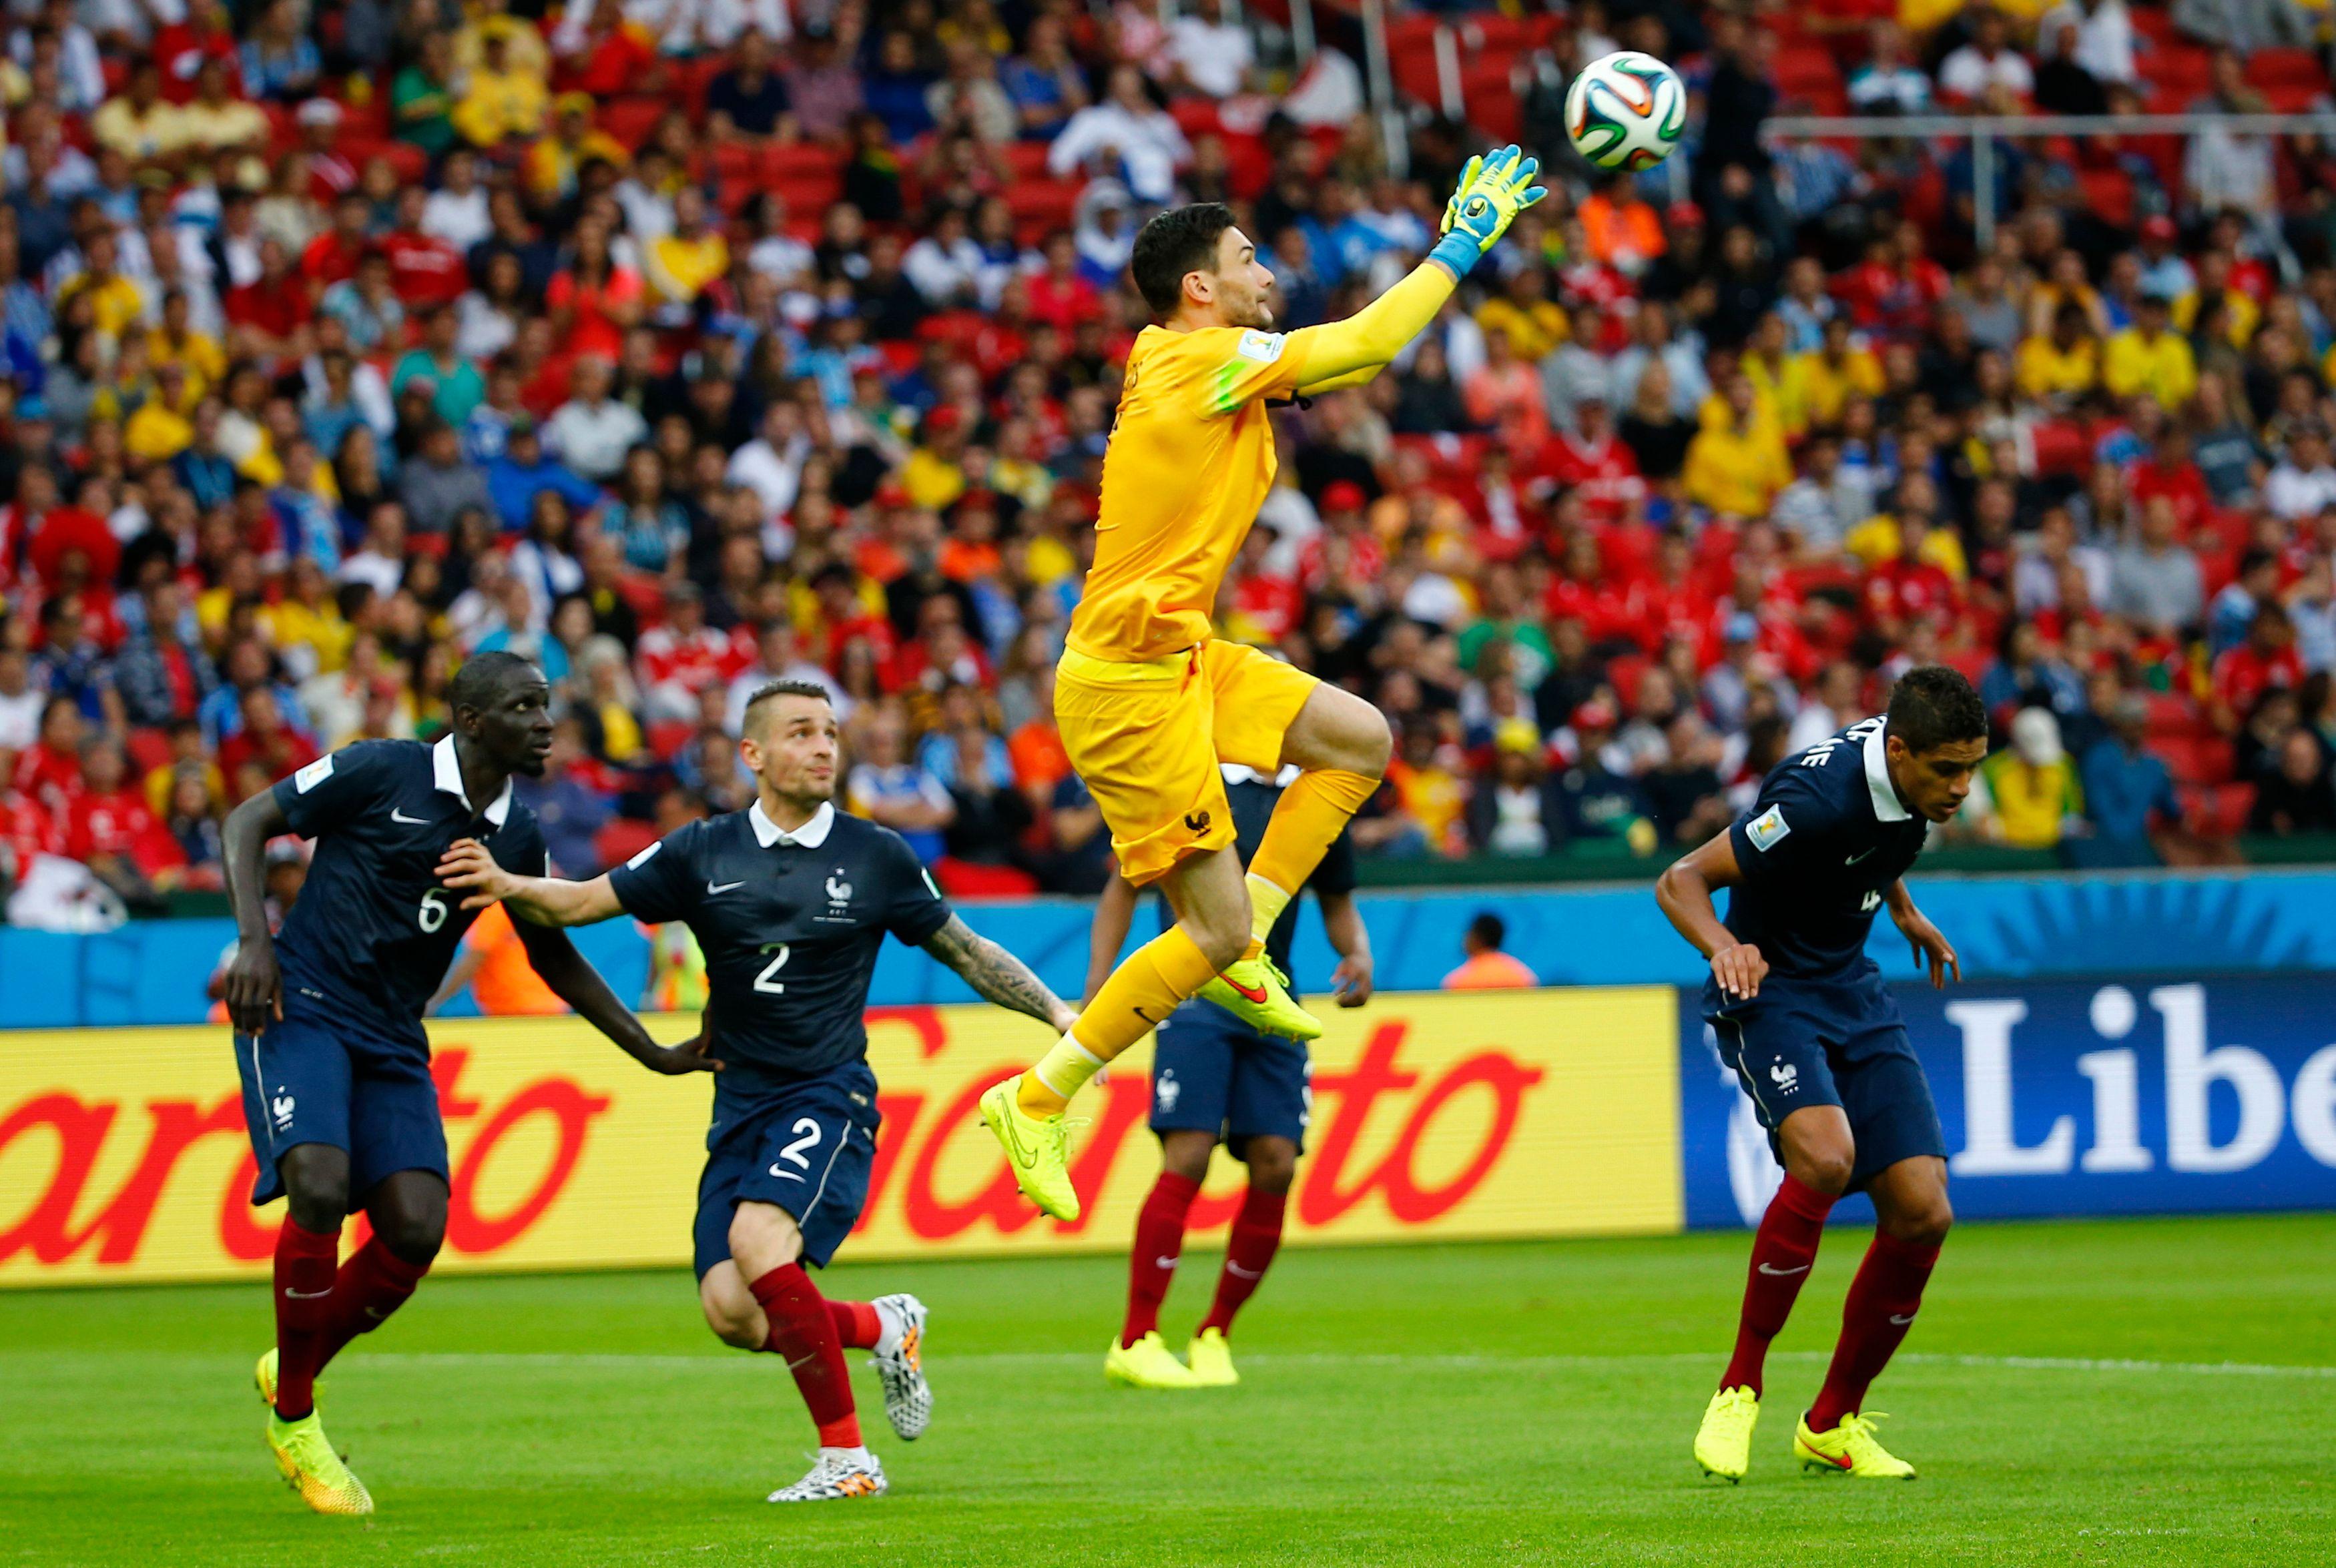 Coupe du monde 2014 - Le journal des Bleus, épisode 6 : Hugo Lloris, Griezmann, Deschamps... Tout ce qu'il faut savoir